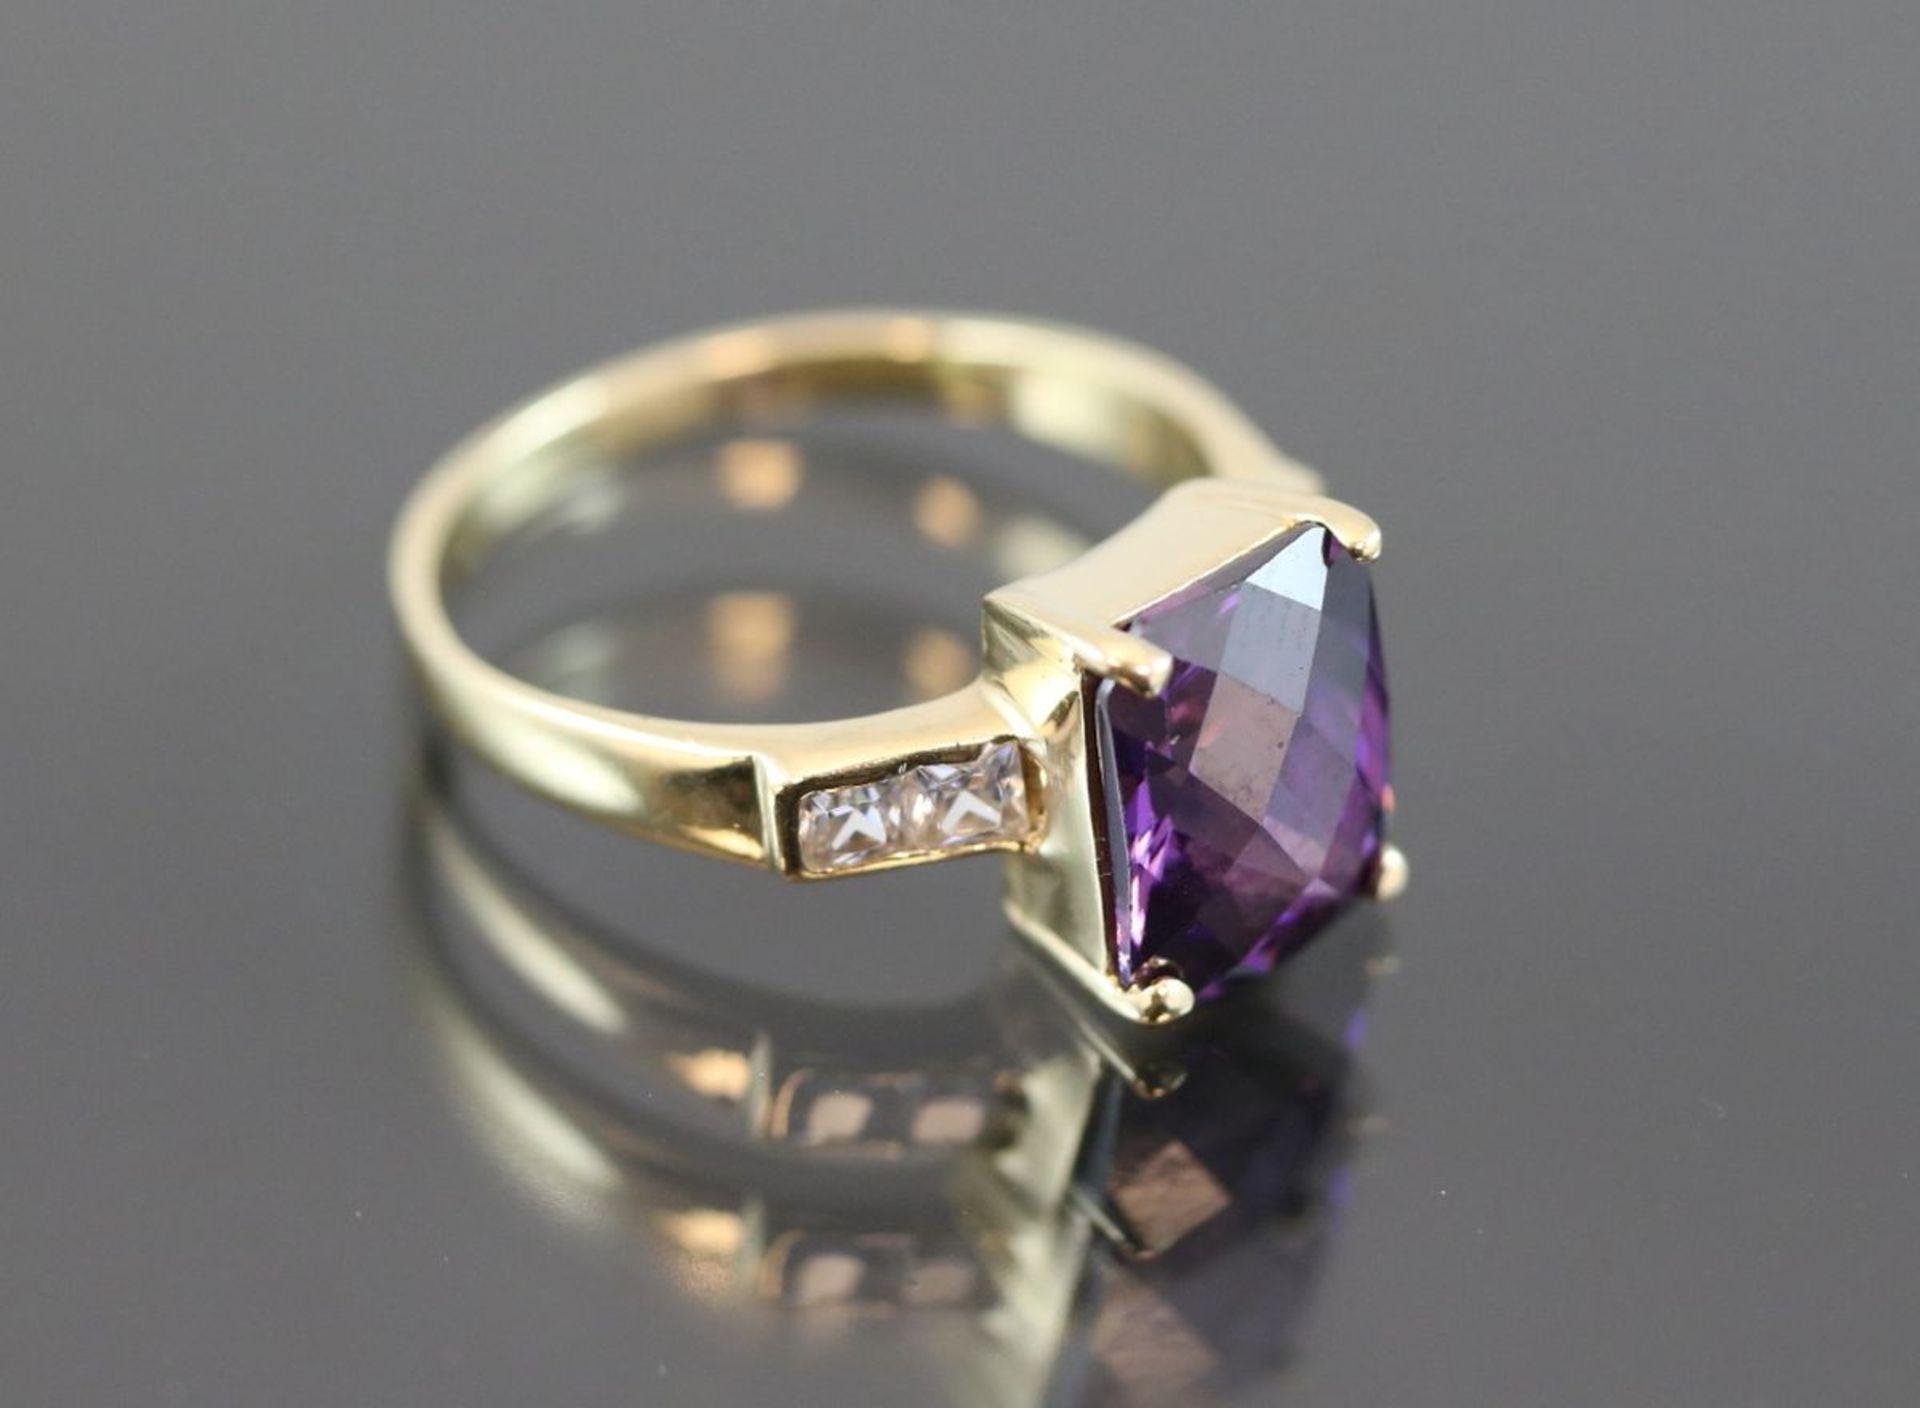 Amethyst-Ring, 585 Gold4,4 Gramm Ringgröße: 56Schätzpreis: 800,- - Bild 3 aus 3